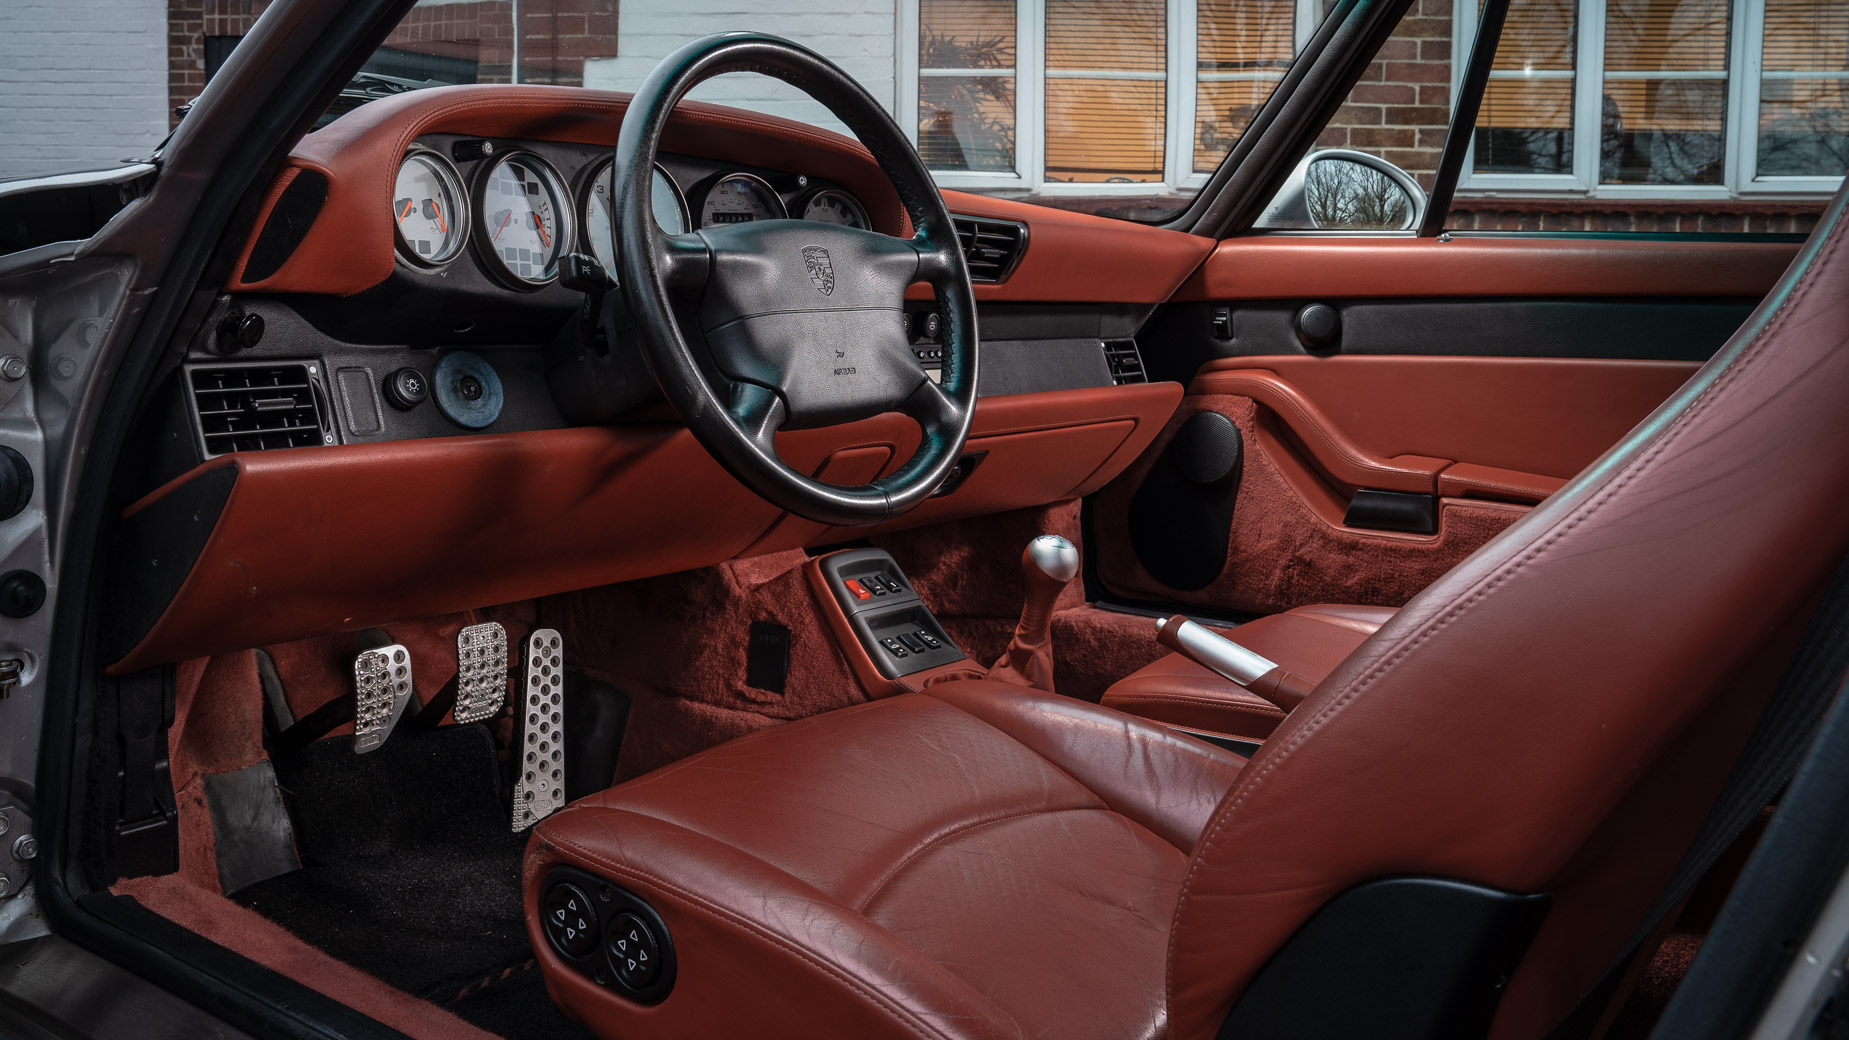 Ignition Classics Porsche 993 Carrera S interior